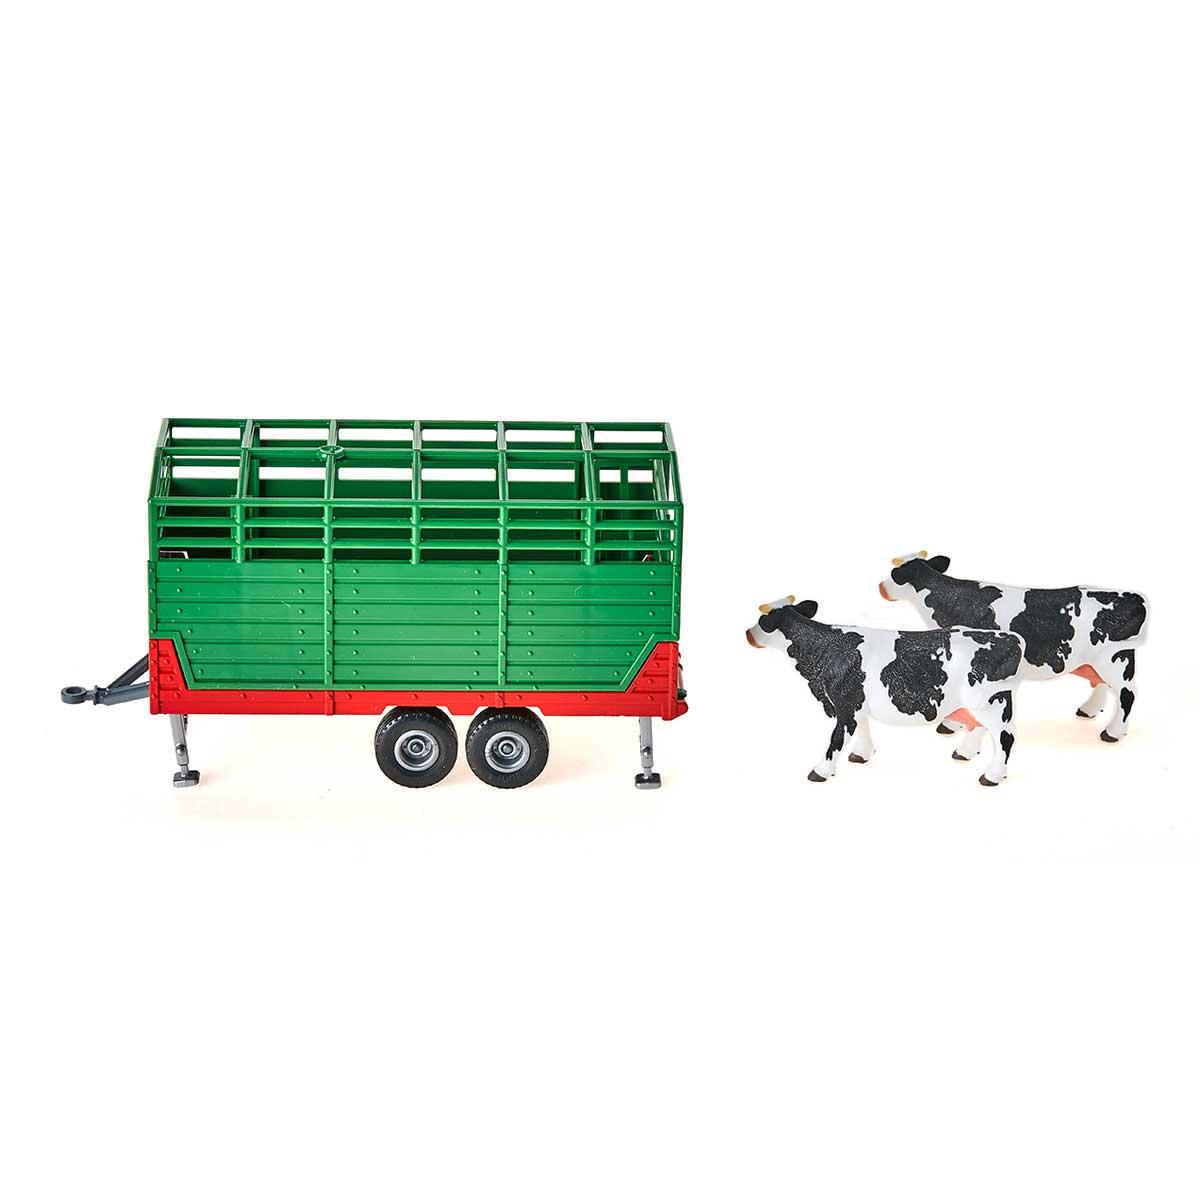 家畜用トレーラー 1:32(ジク・SIKU)